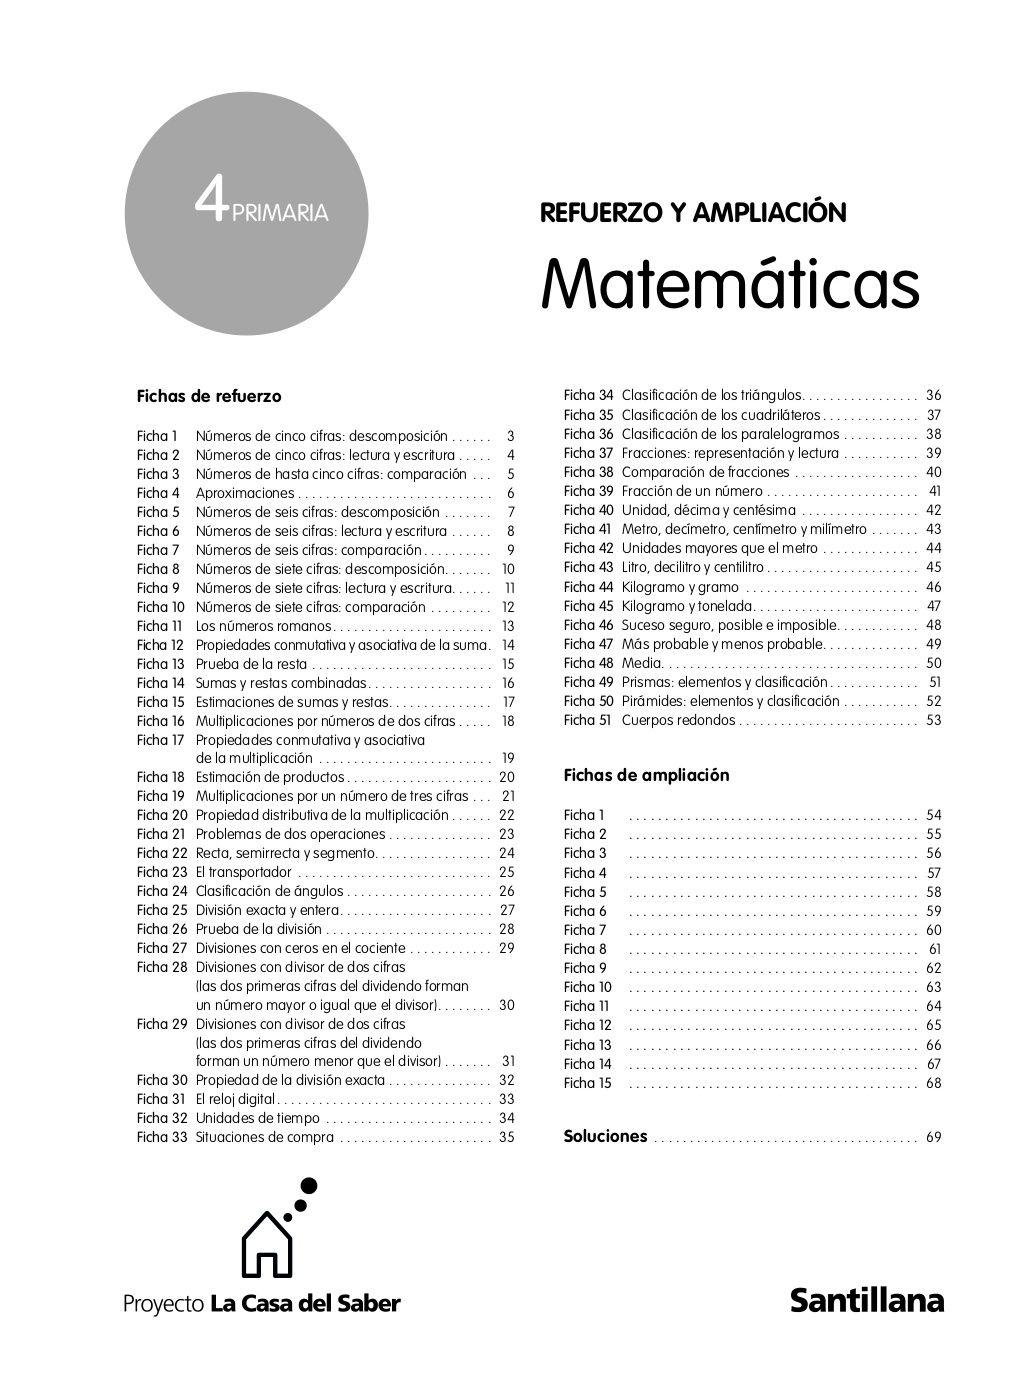 4 Refuerzo Y Ampliación Primaria Matemáticas Fichas De Refuerzo Ficha 1 Números De Cinco Cifras D Primaria Matematicas Fichas De Matematicas Matematicas